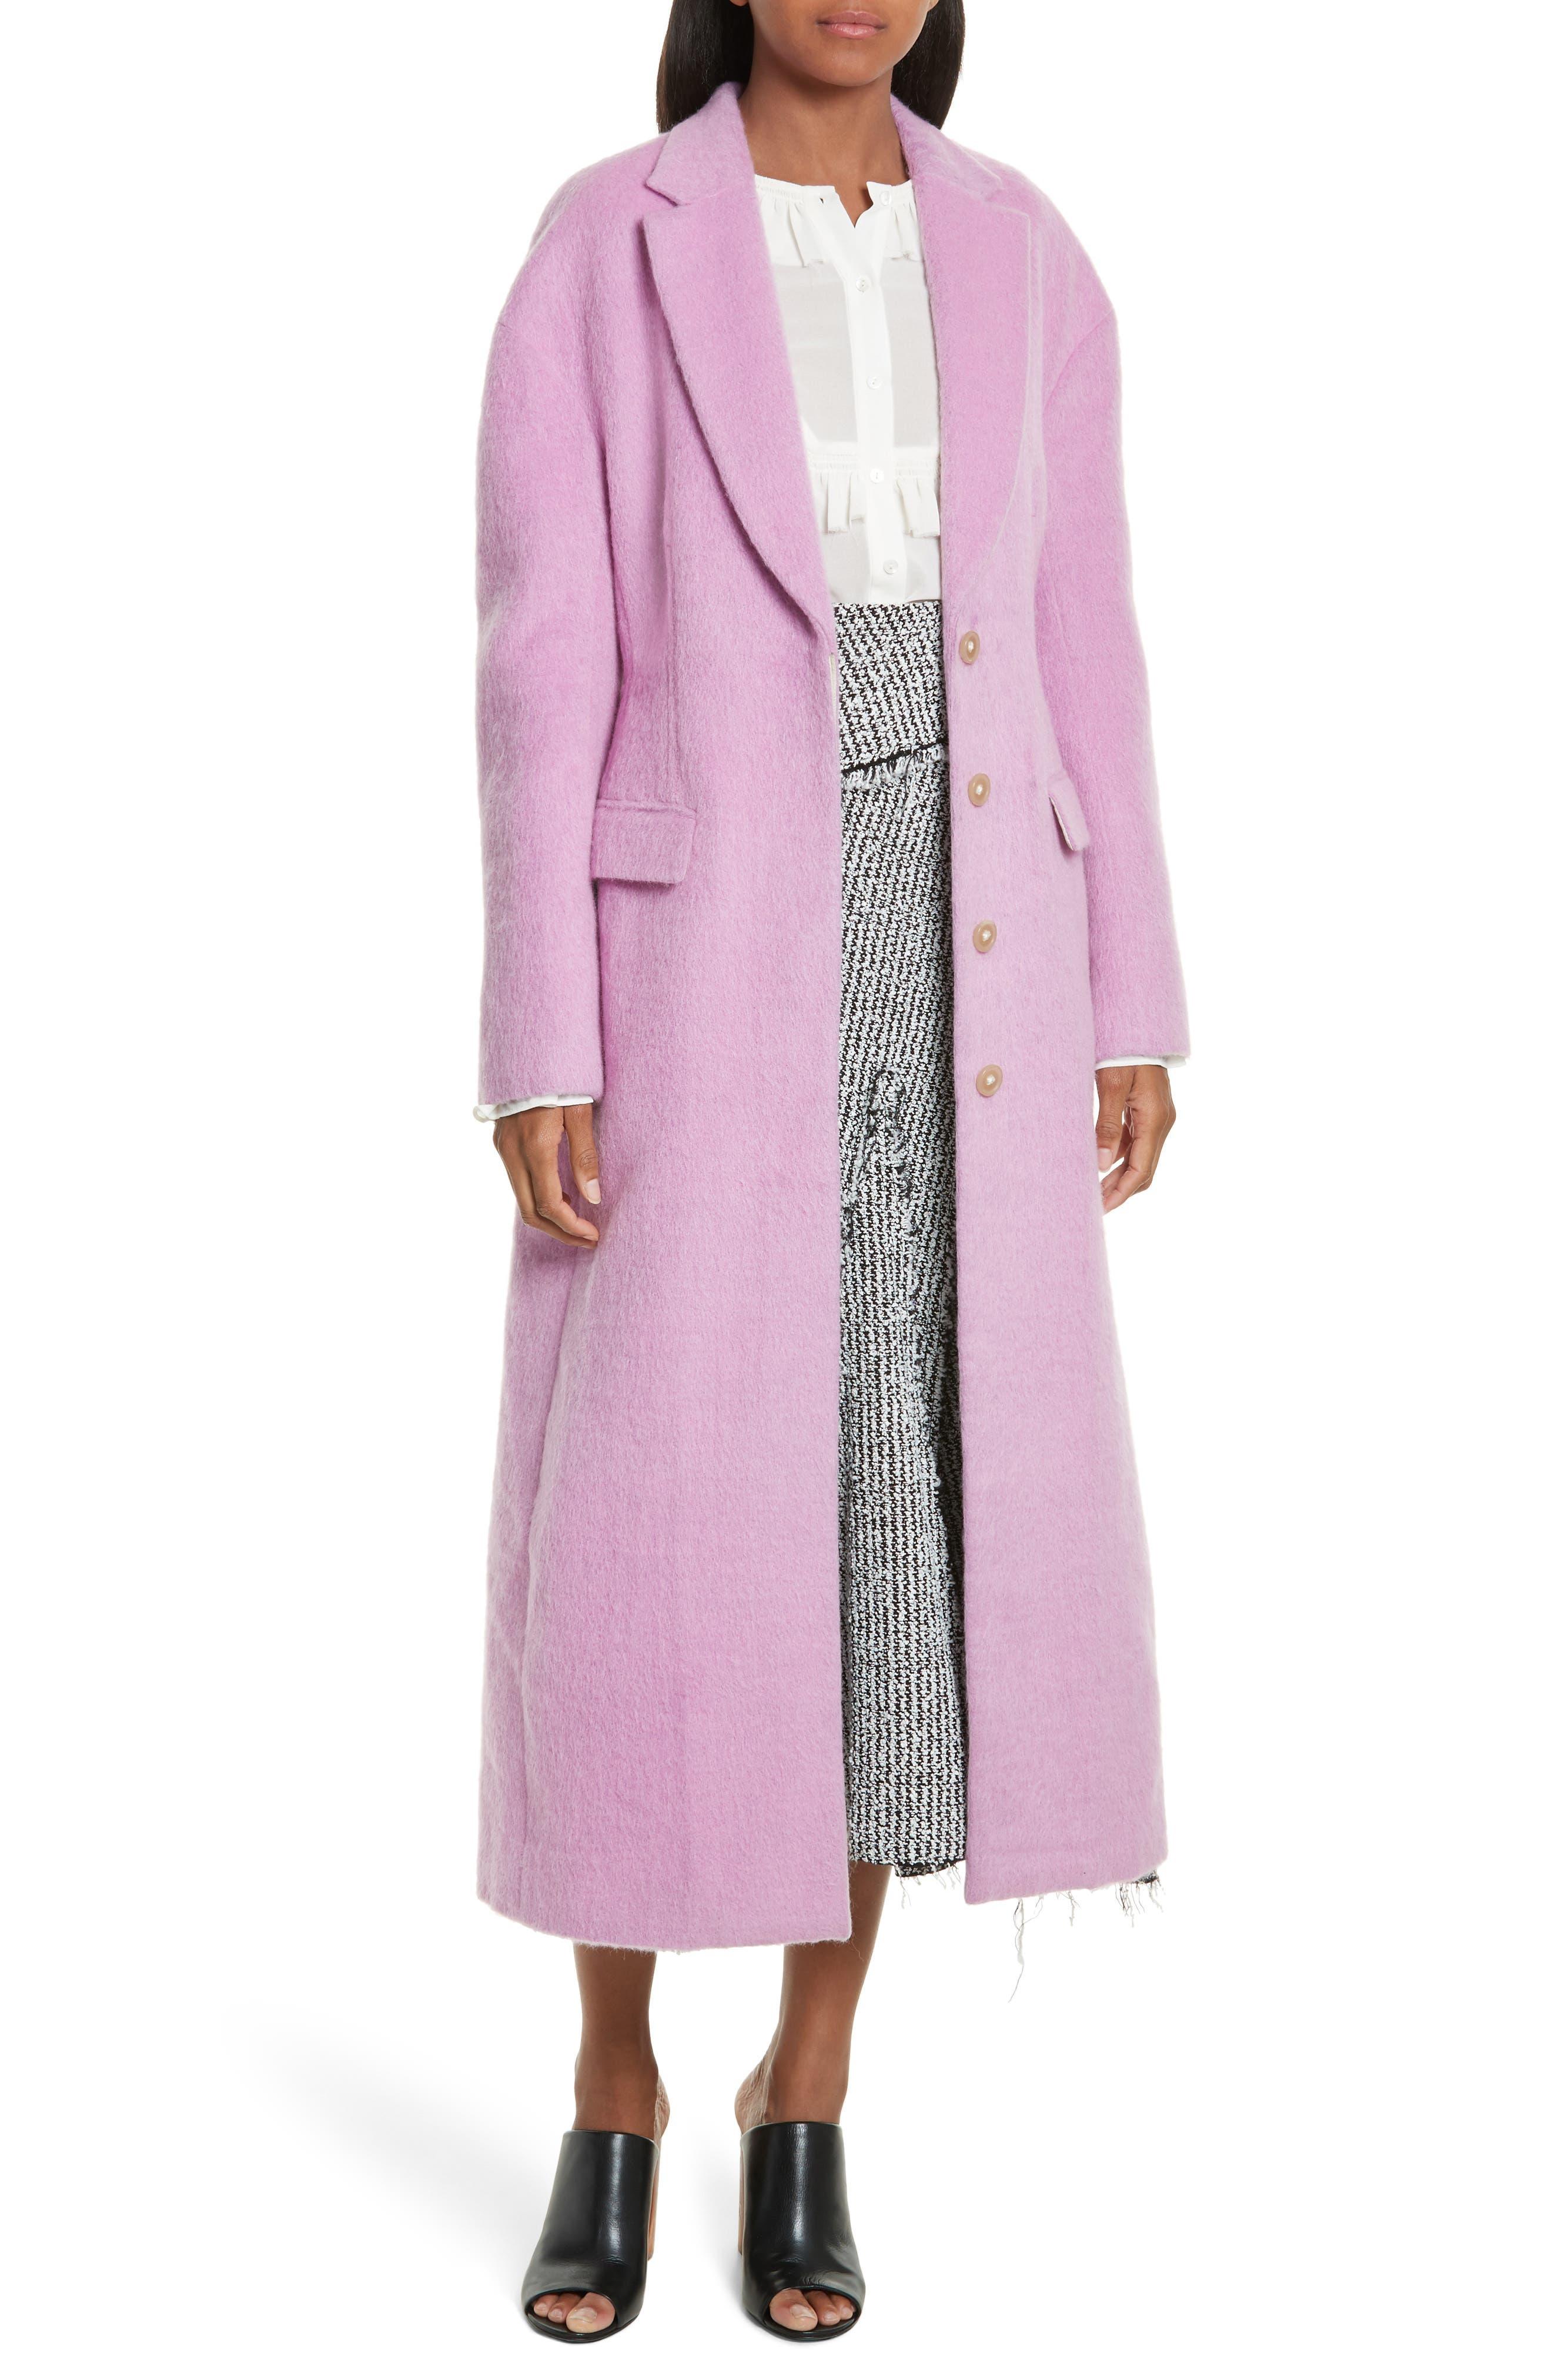 3.1 Phillip Lim Tailored Coat